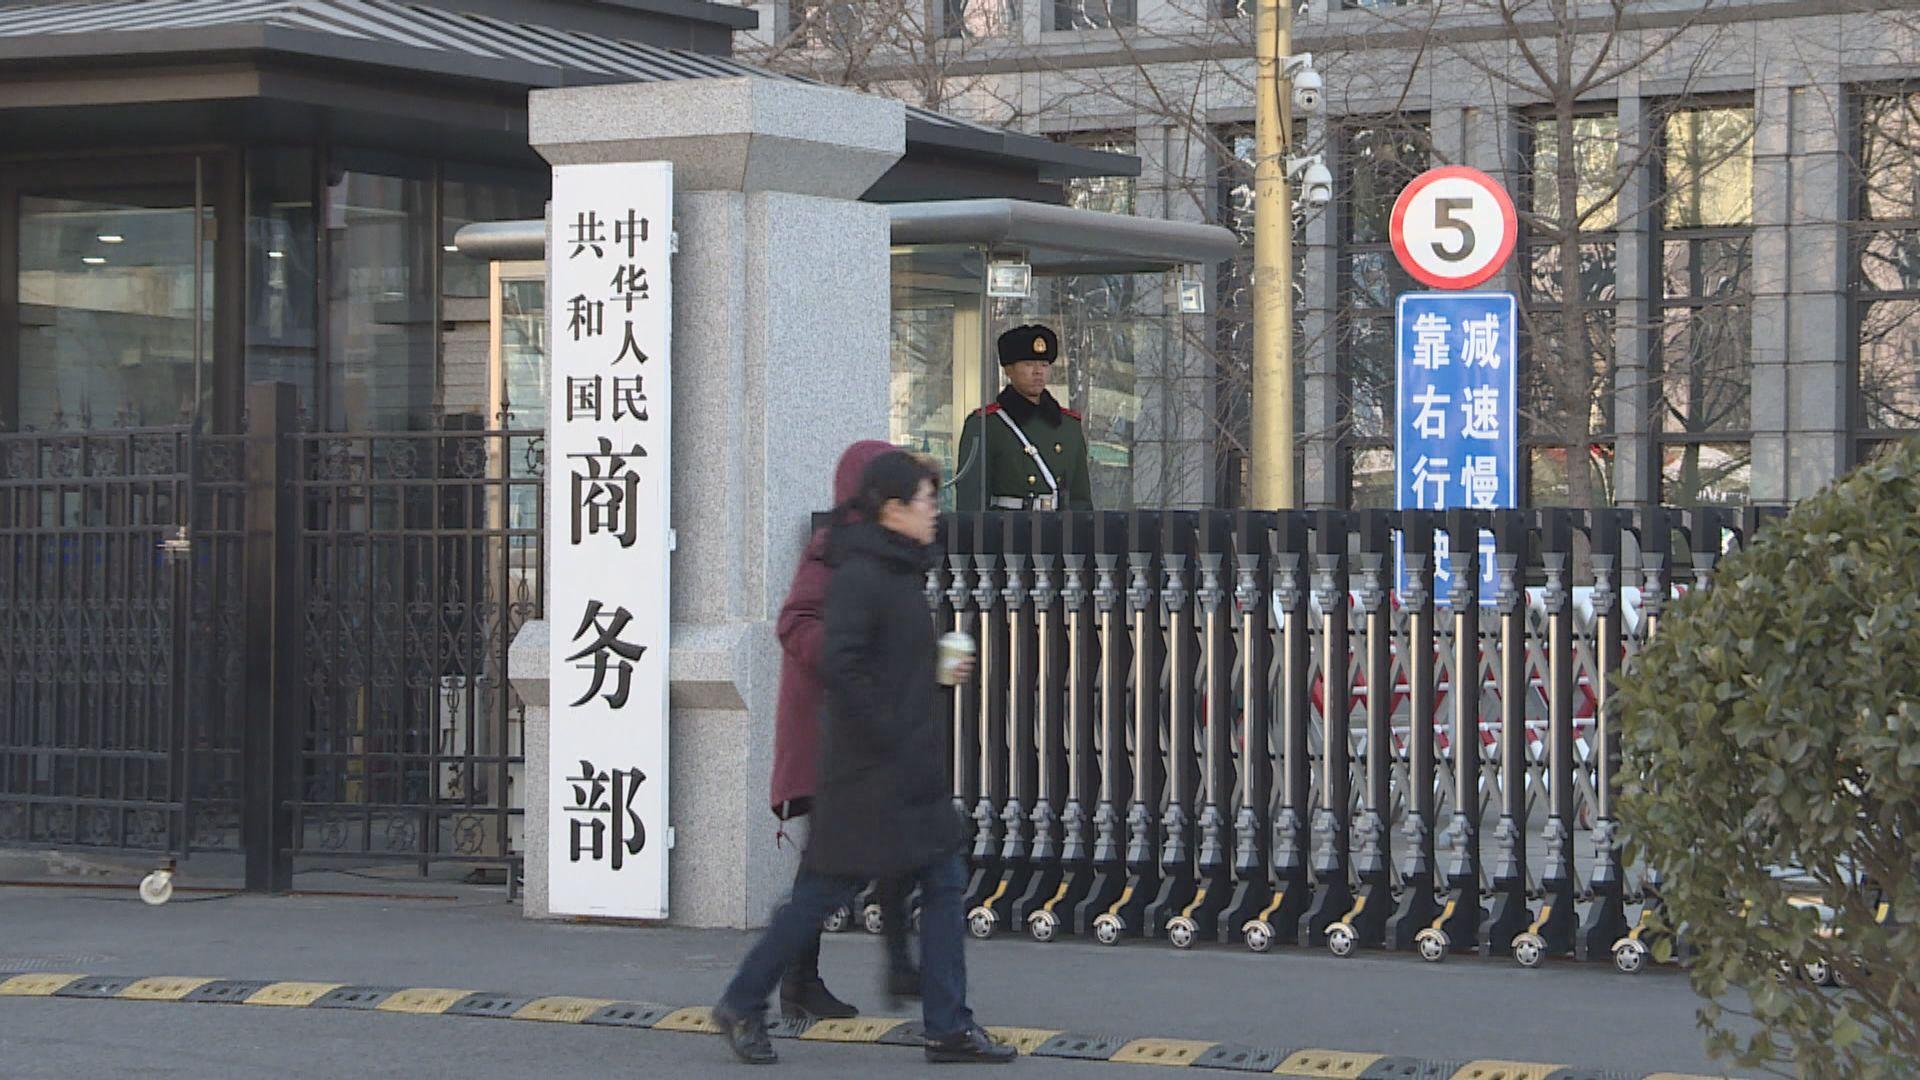 中國商務部:新疆存在「強迫勞動」說法完全子虛烏有